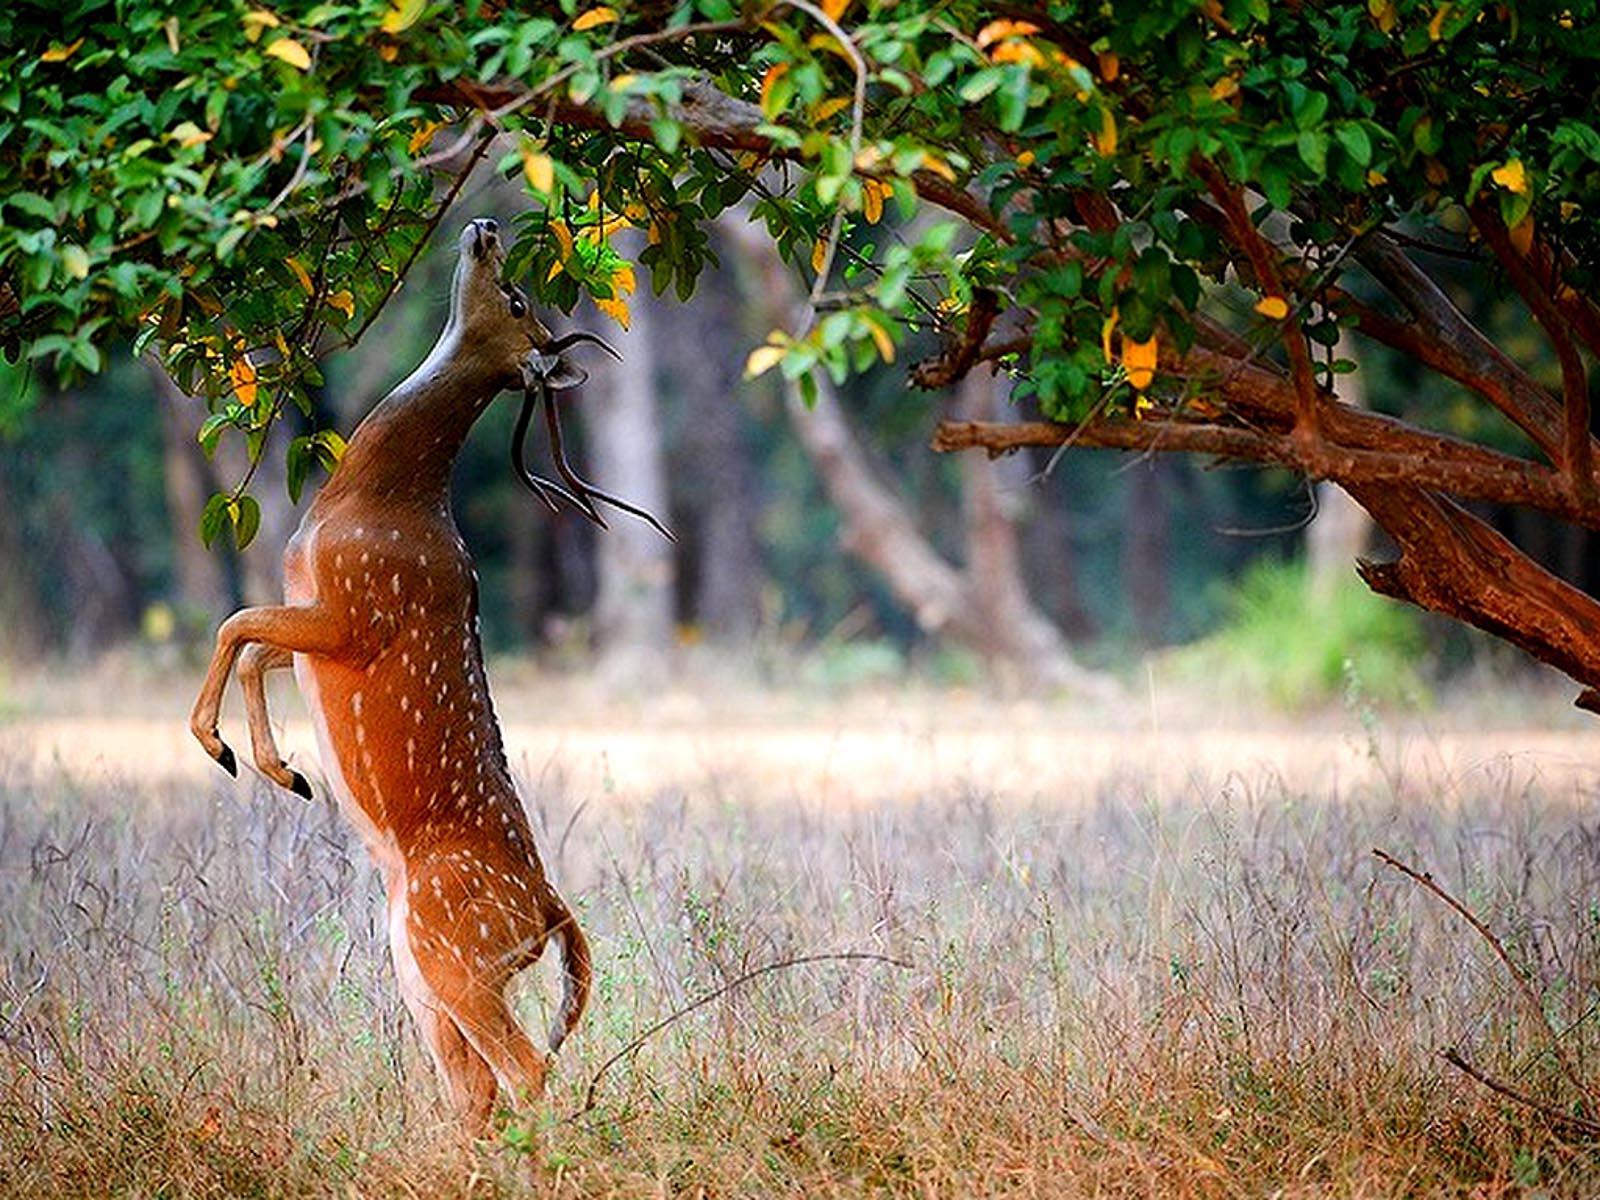 deer wallpaper for my desktop - photo #27